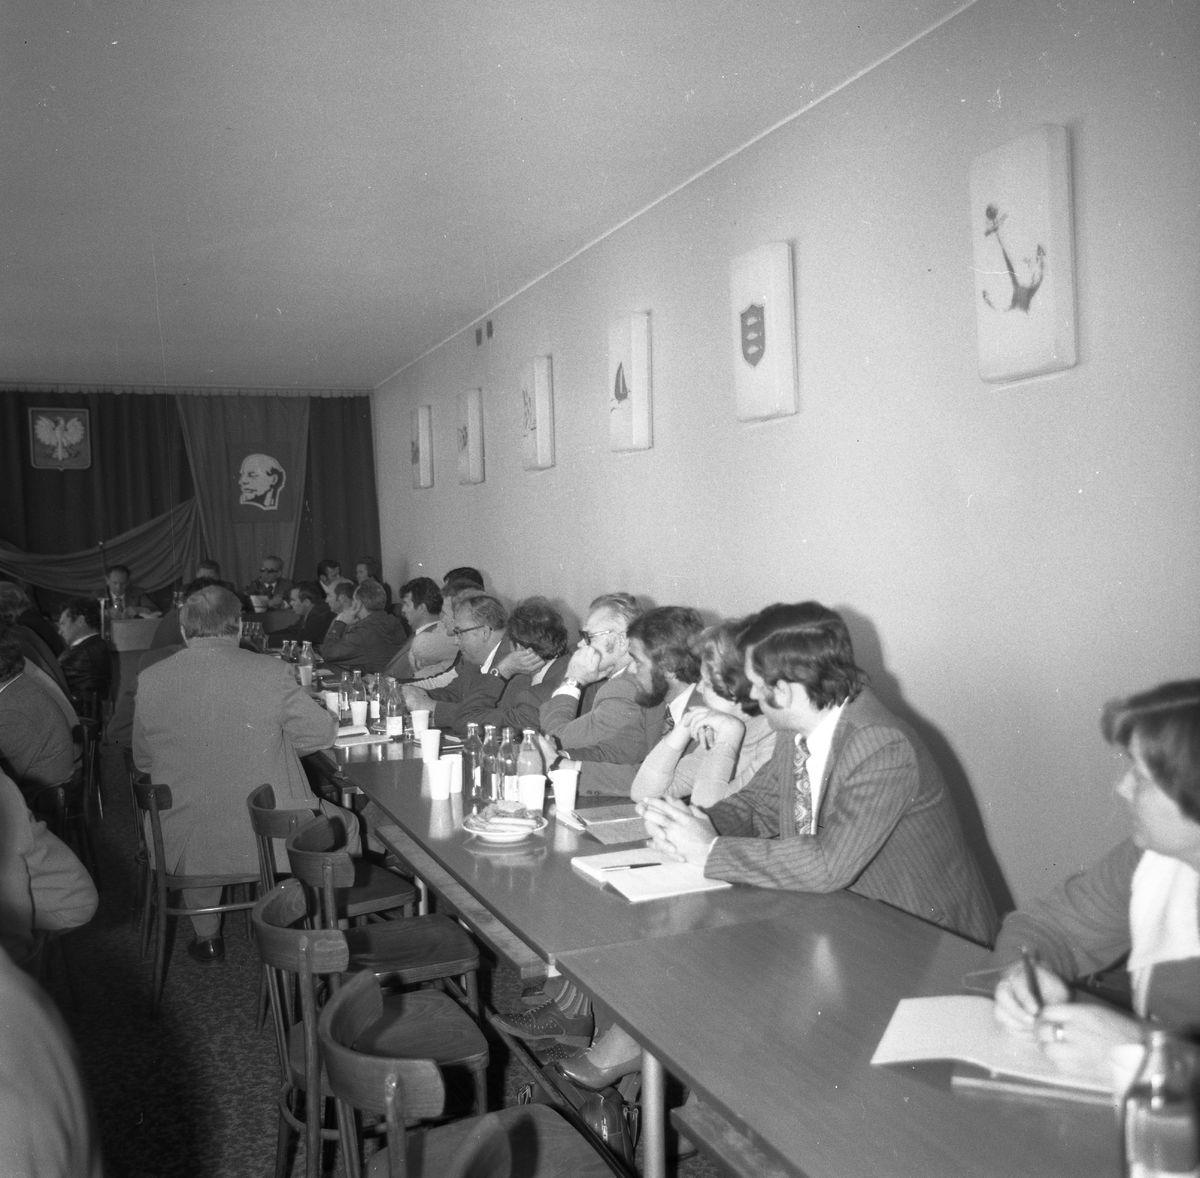 Wizyta konsula ZSRR w siedzibie KM PZPR [3]